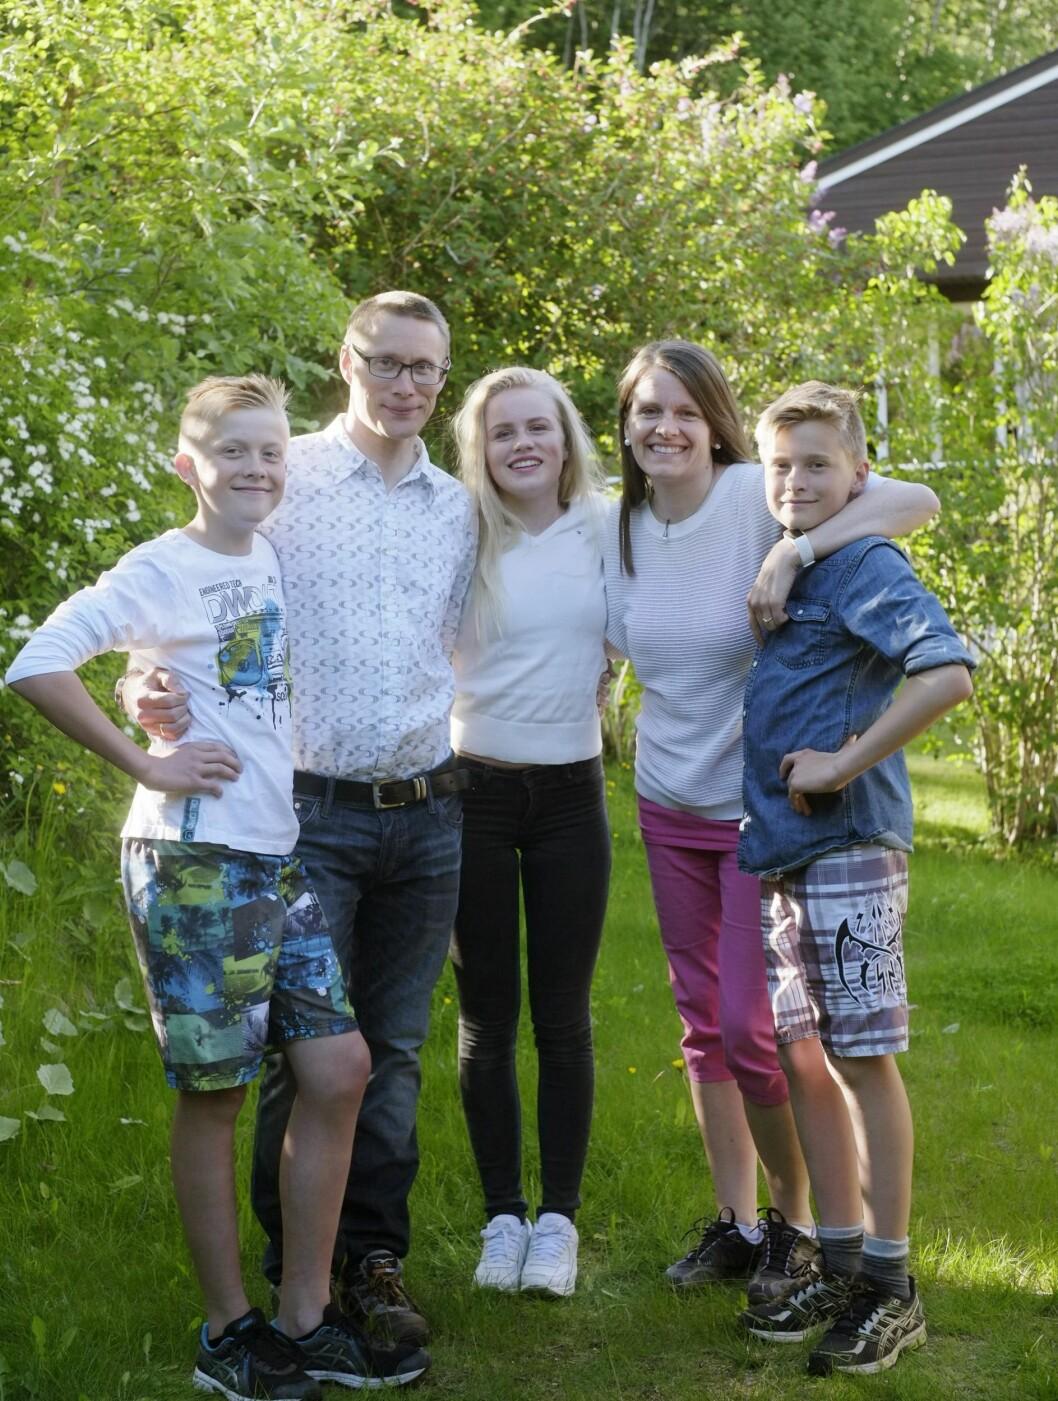 SAMMENSVEISET FAMILIE: Det er godt å ha hverandre når det stormer. Fra venstre: Jørgen, Erlend, Silje, Laila og Ørjan. Foto: Hege Landrø Johnsen